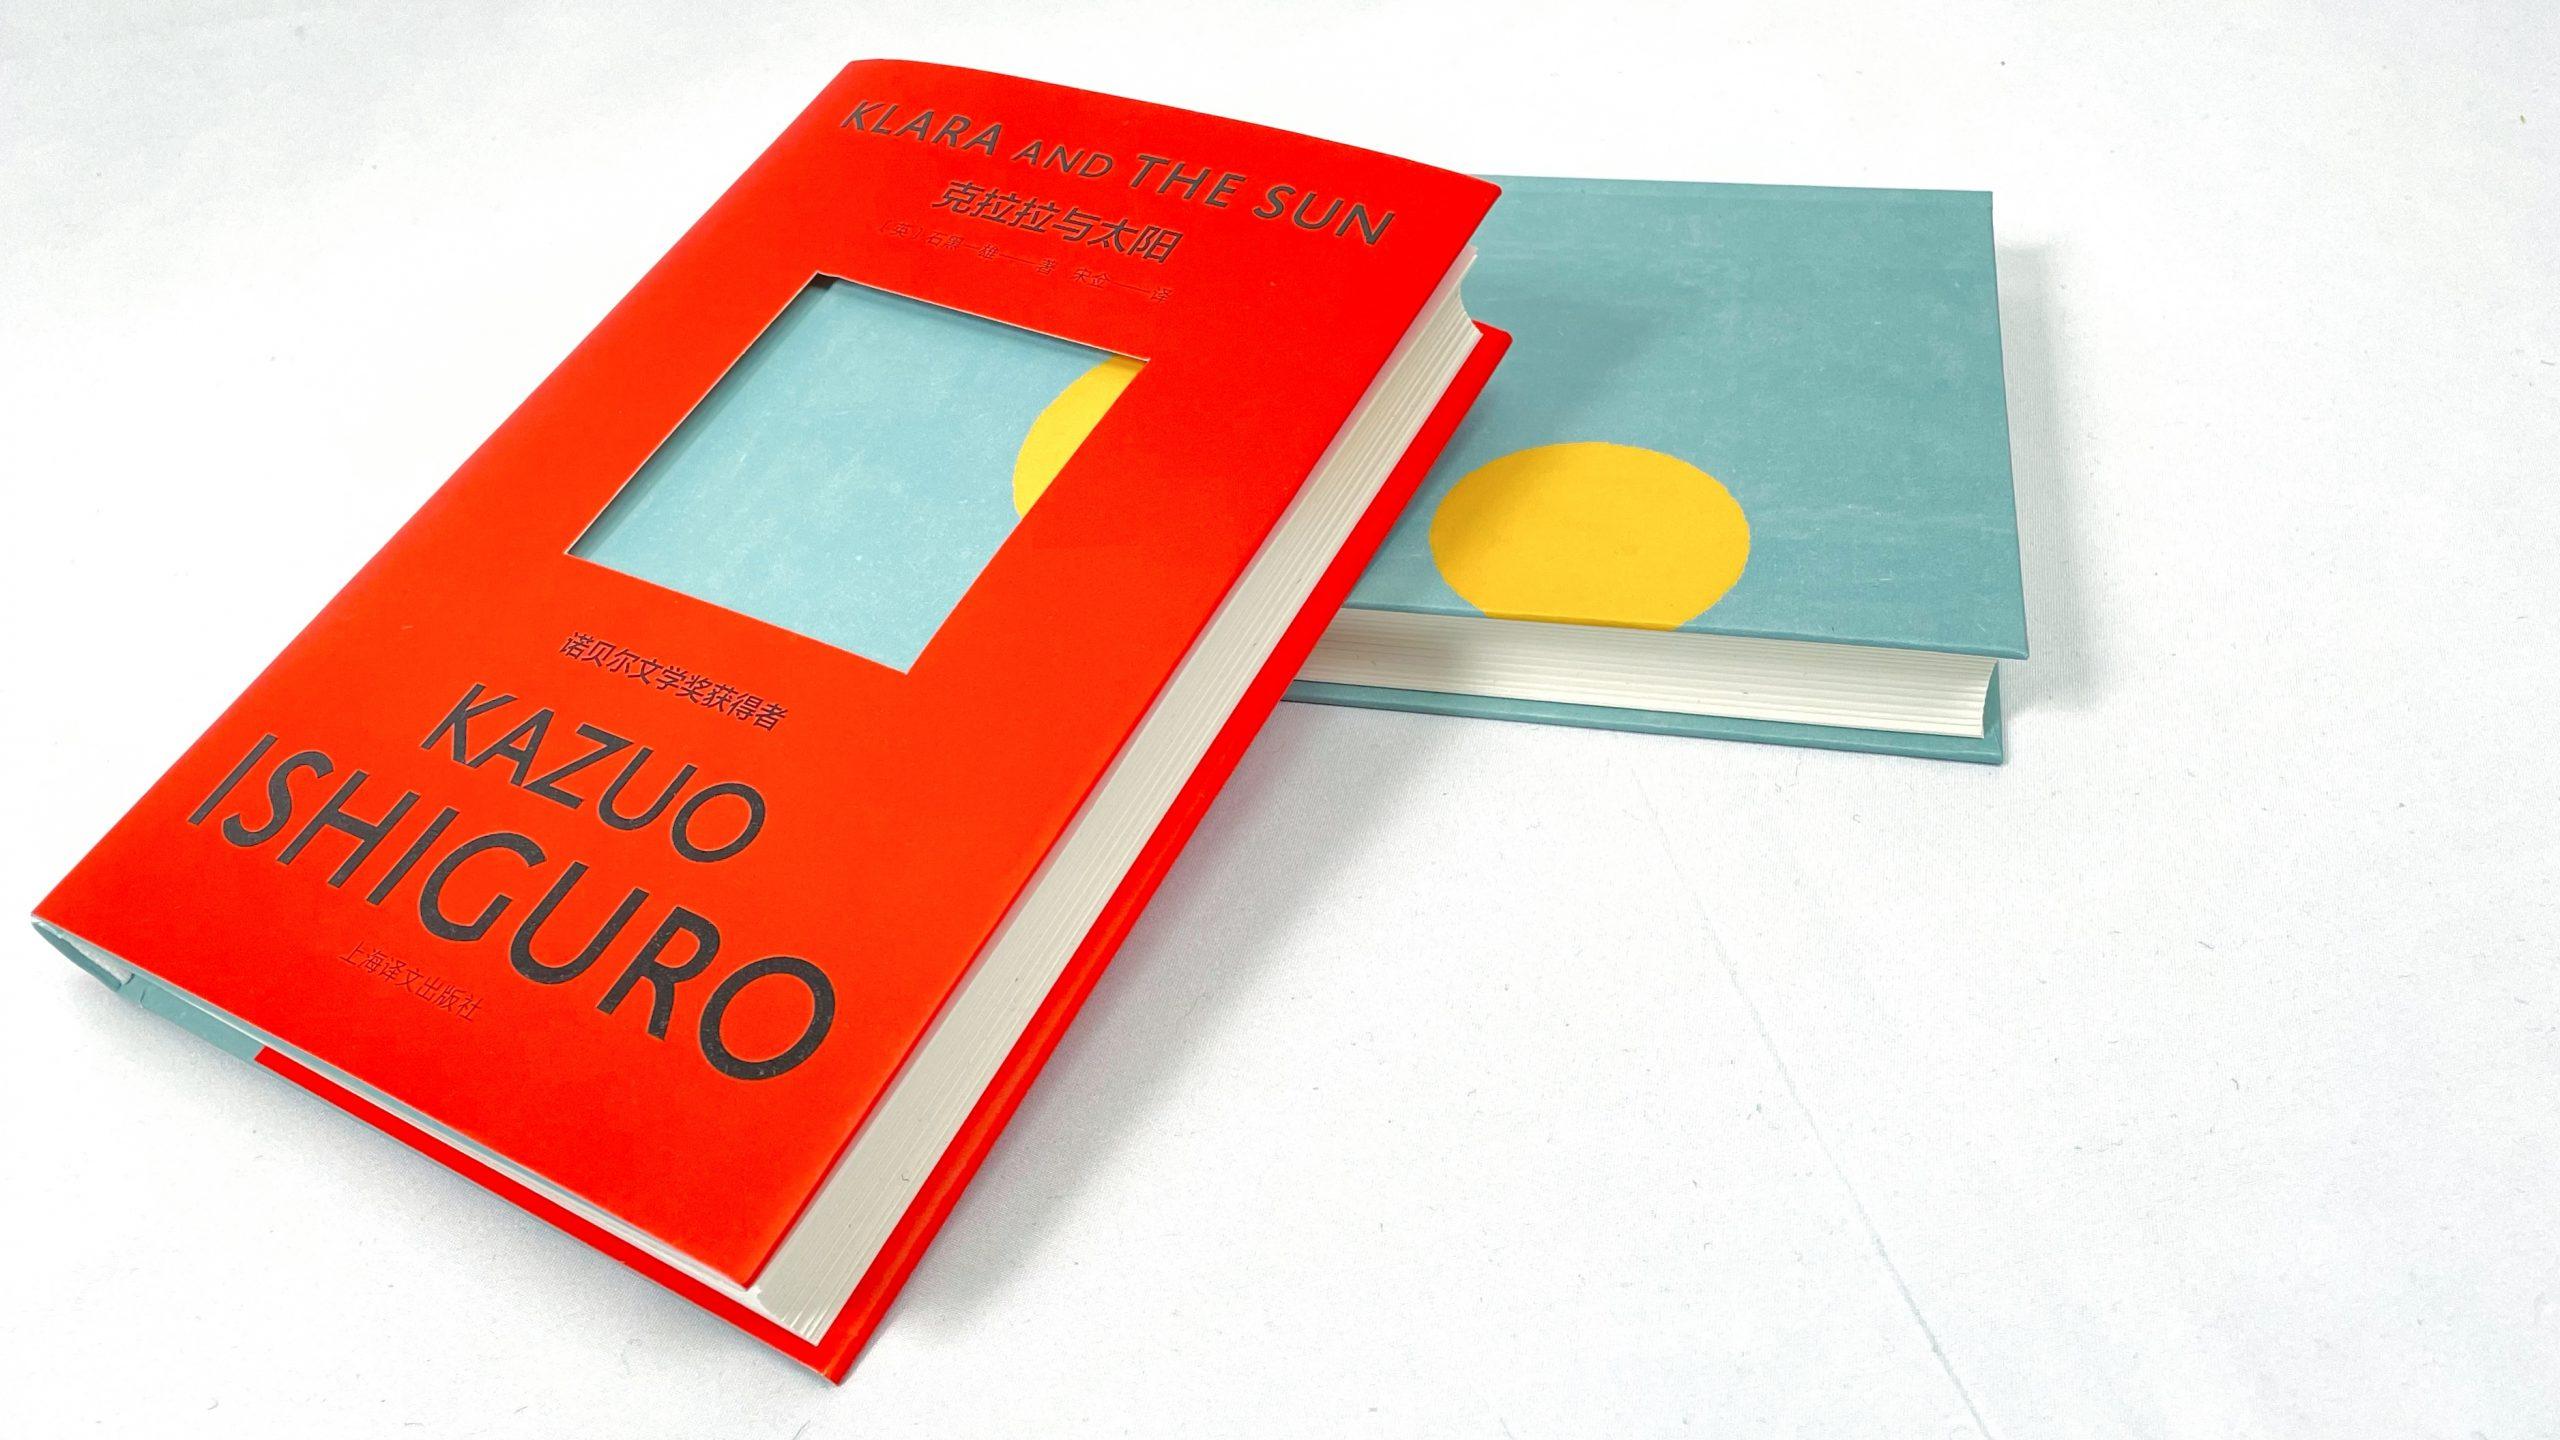 诺奖得主石黑一雄最新小说《克拉拉与太阳》预售开启!